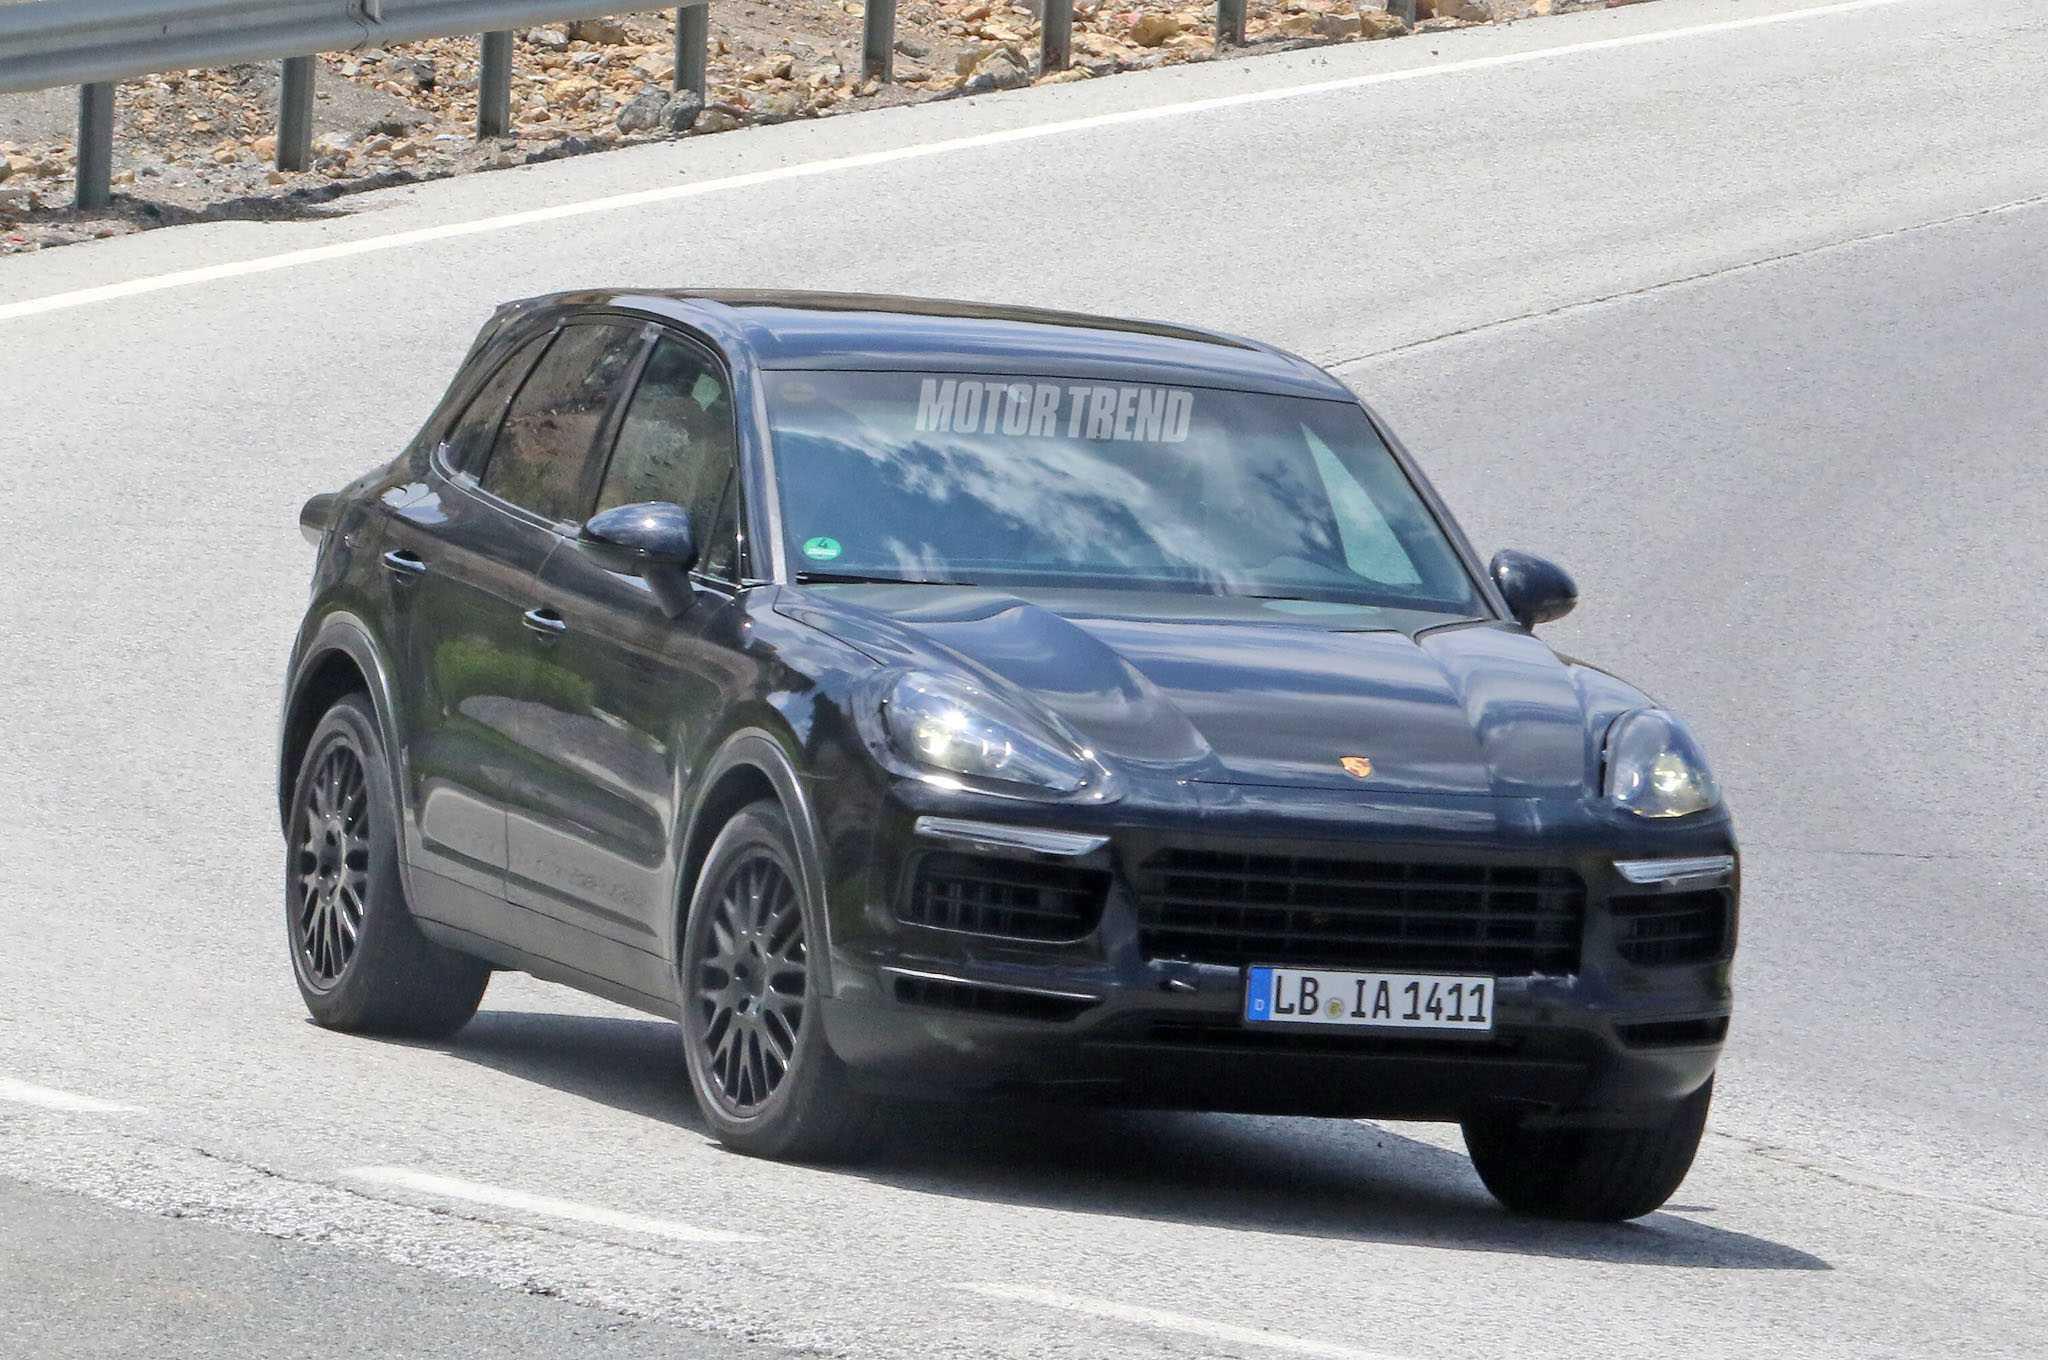 Next Gen Porsche Cayenne Spotted Testing In Spain